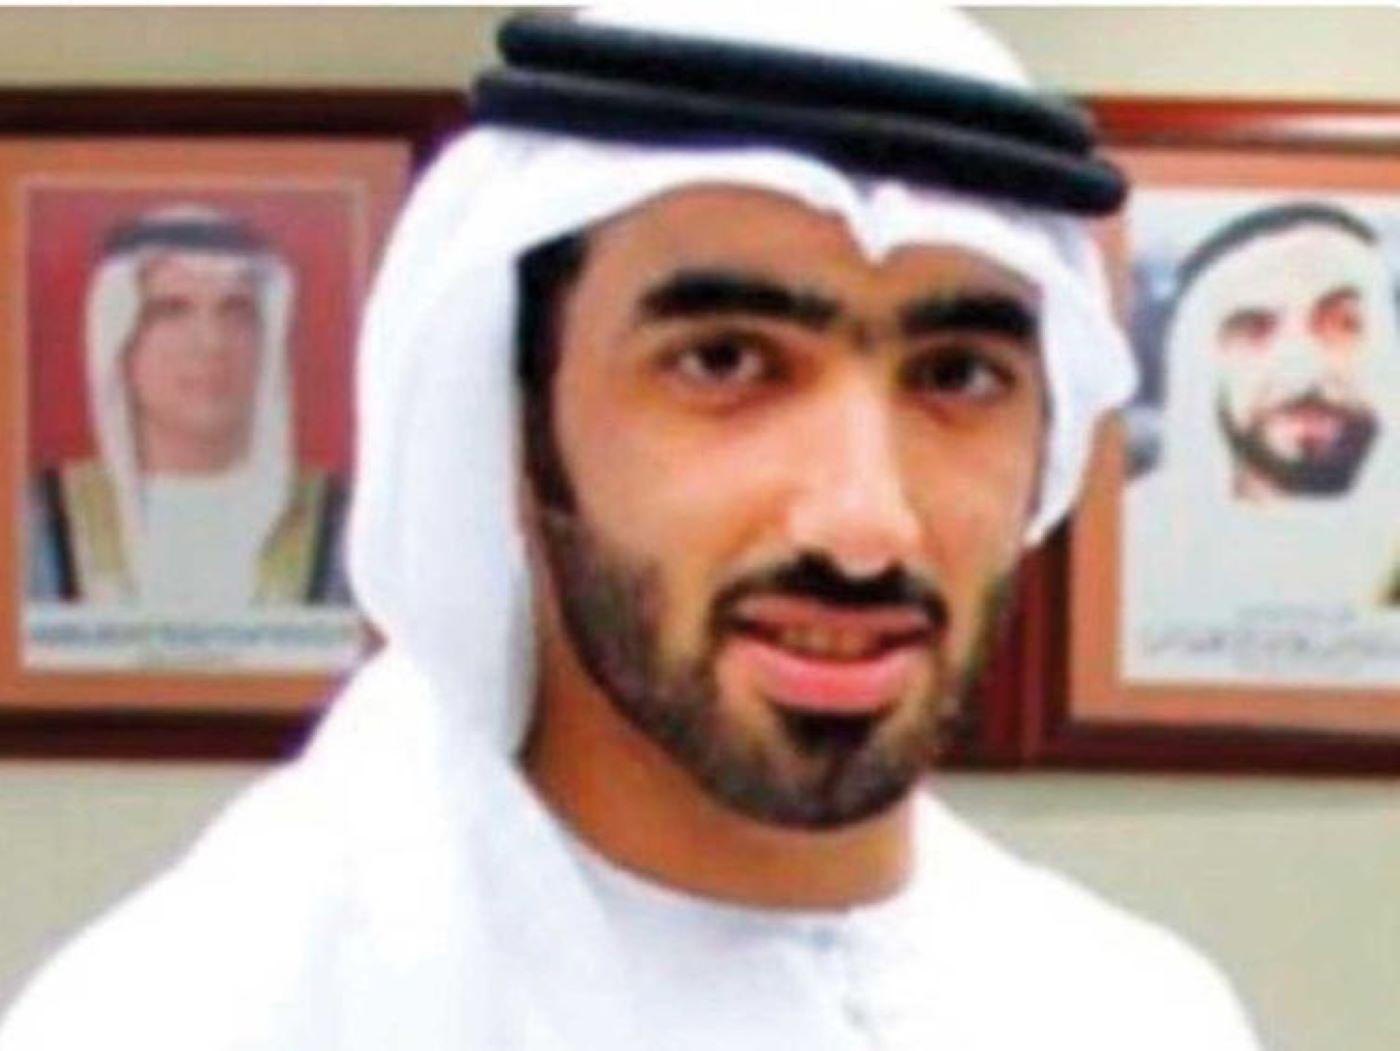 Sheikh Saqr bin Tariq bin Kayed Al Qasimi